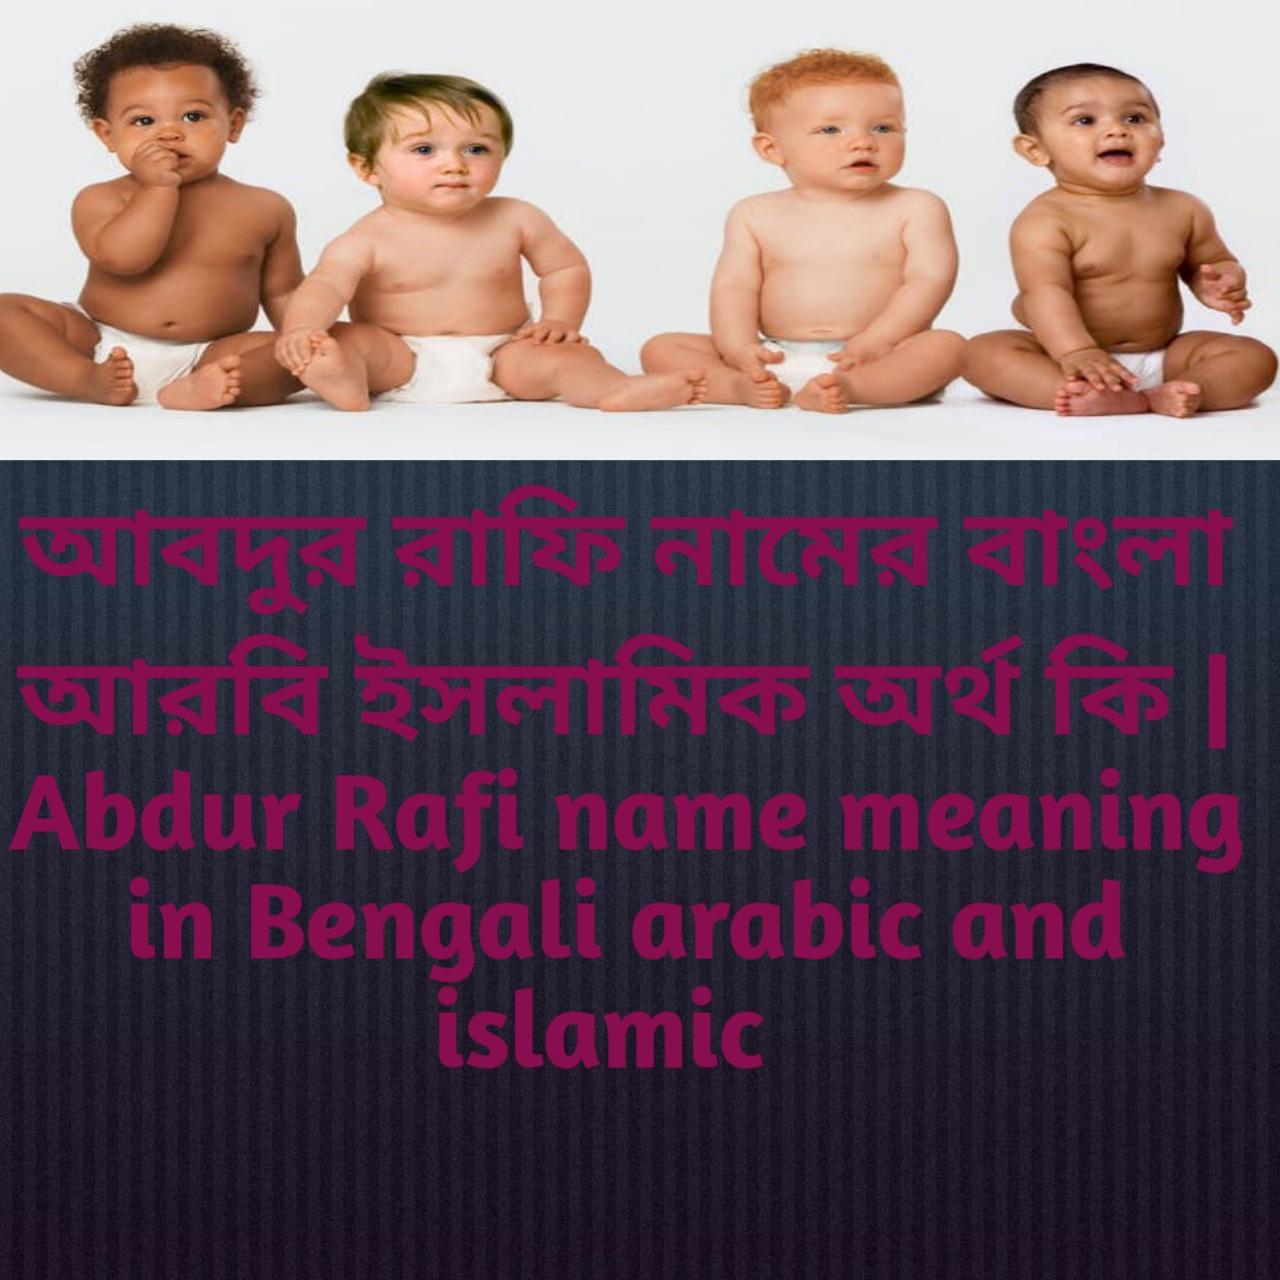 আবদুর রাফি নামের অর্থ কি, আবদুর রাফি নামের বাংলা অর্থ কি, আবদুর রাফি নামের ইসলামিক অর্থ কি, Abdur Rafi name meaning in Bengali, আবদুর রাফি কি ইসলামিক নাম,